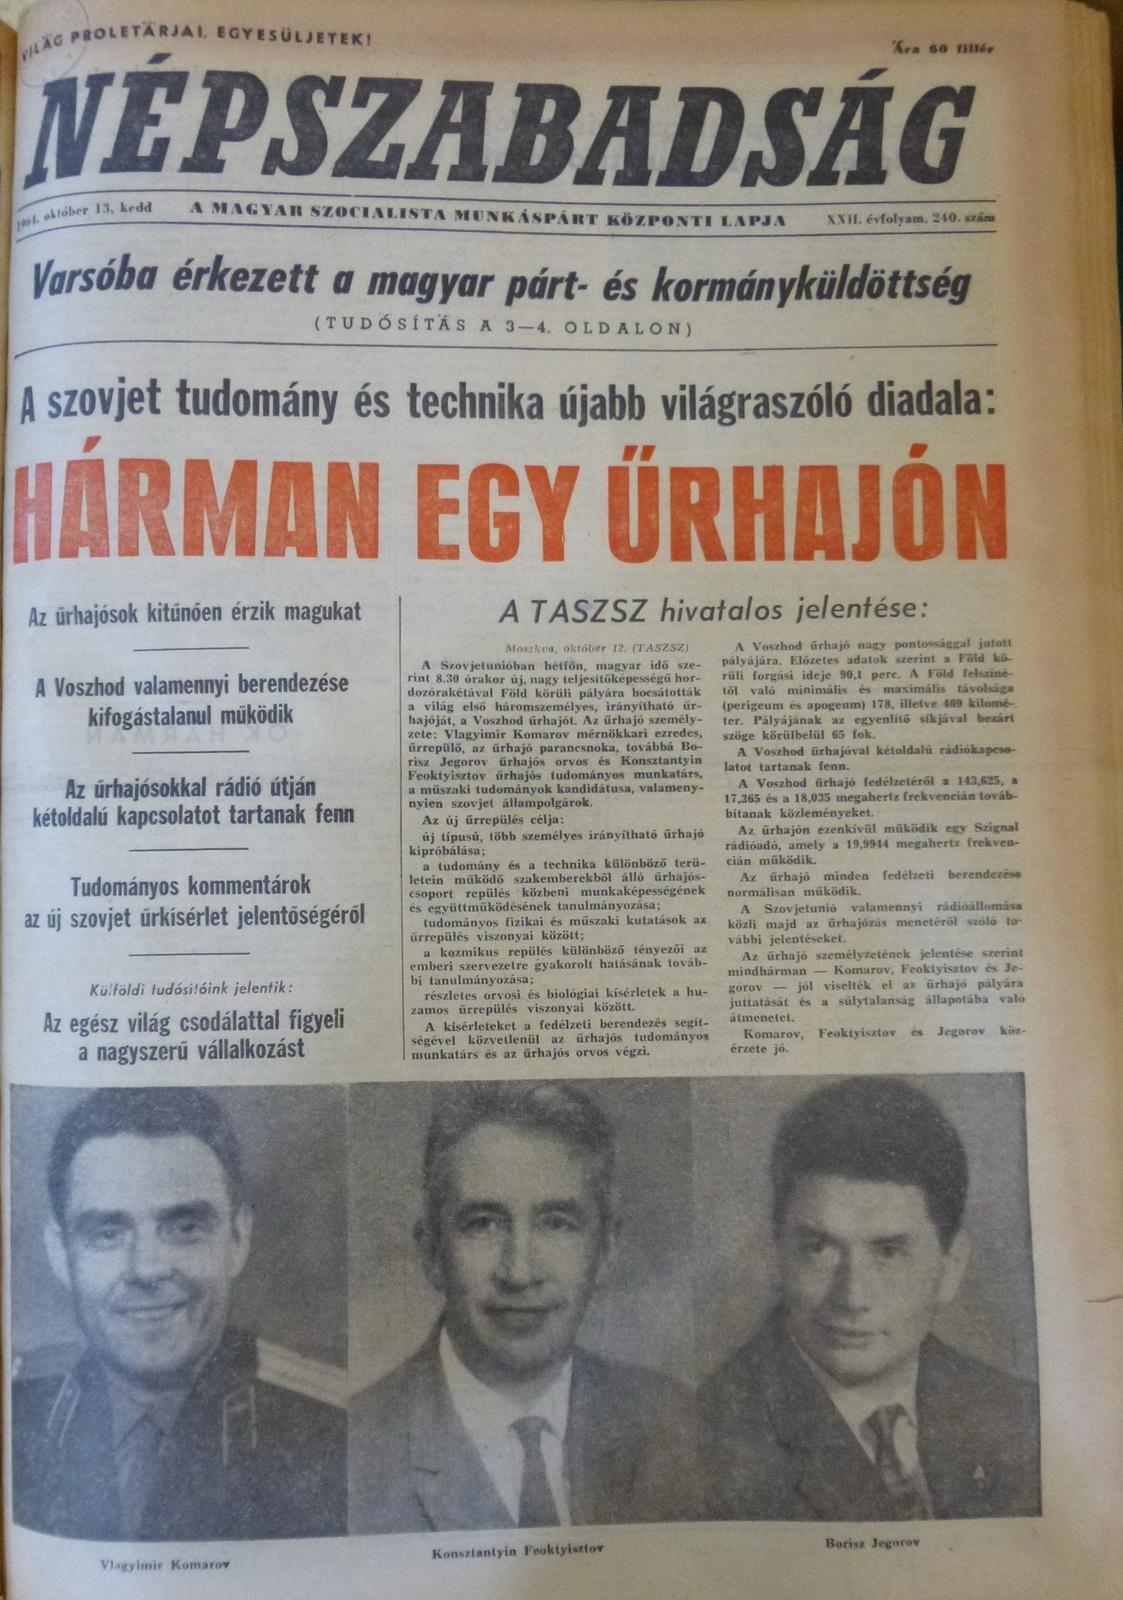 Urhajosok-19641013-Nepszabadsag